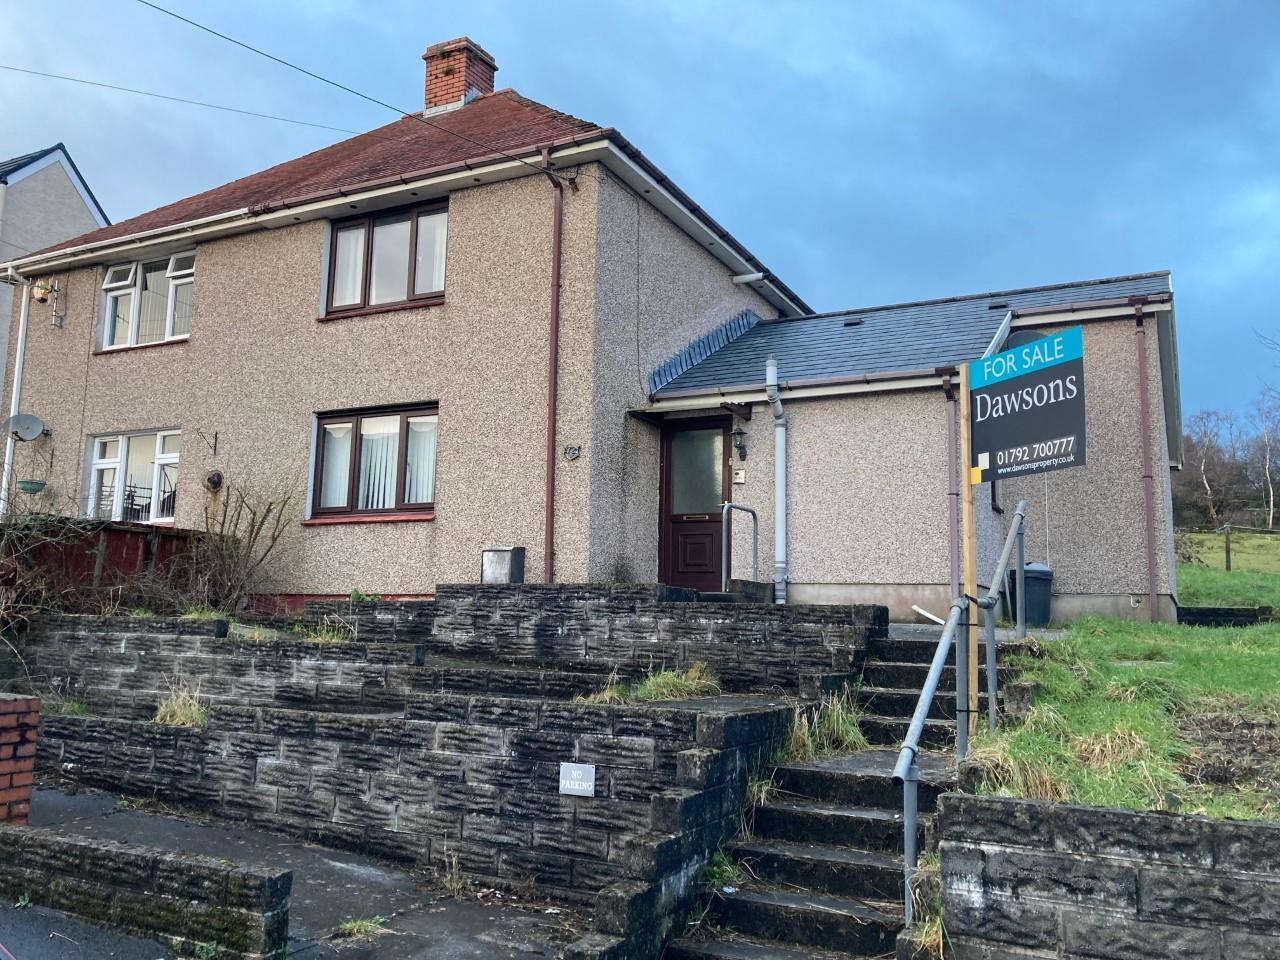 Tan Y Coed Road, Clydach, Swansea, SA6 5ND